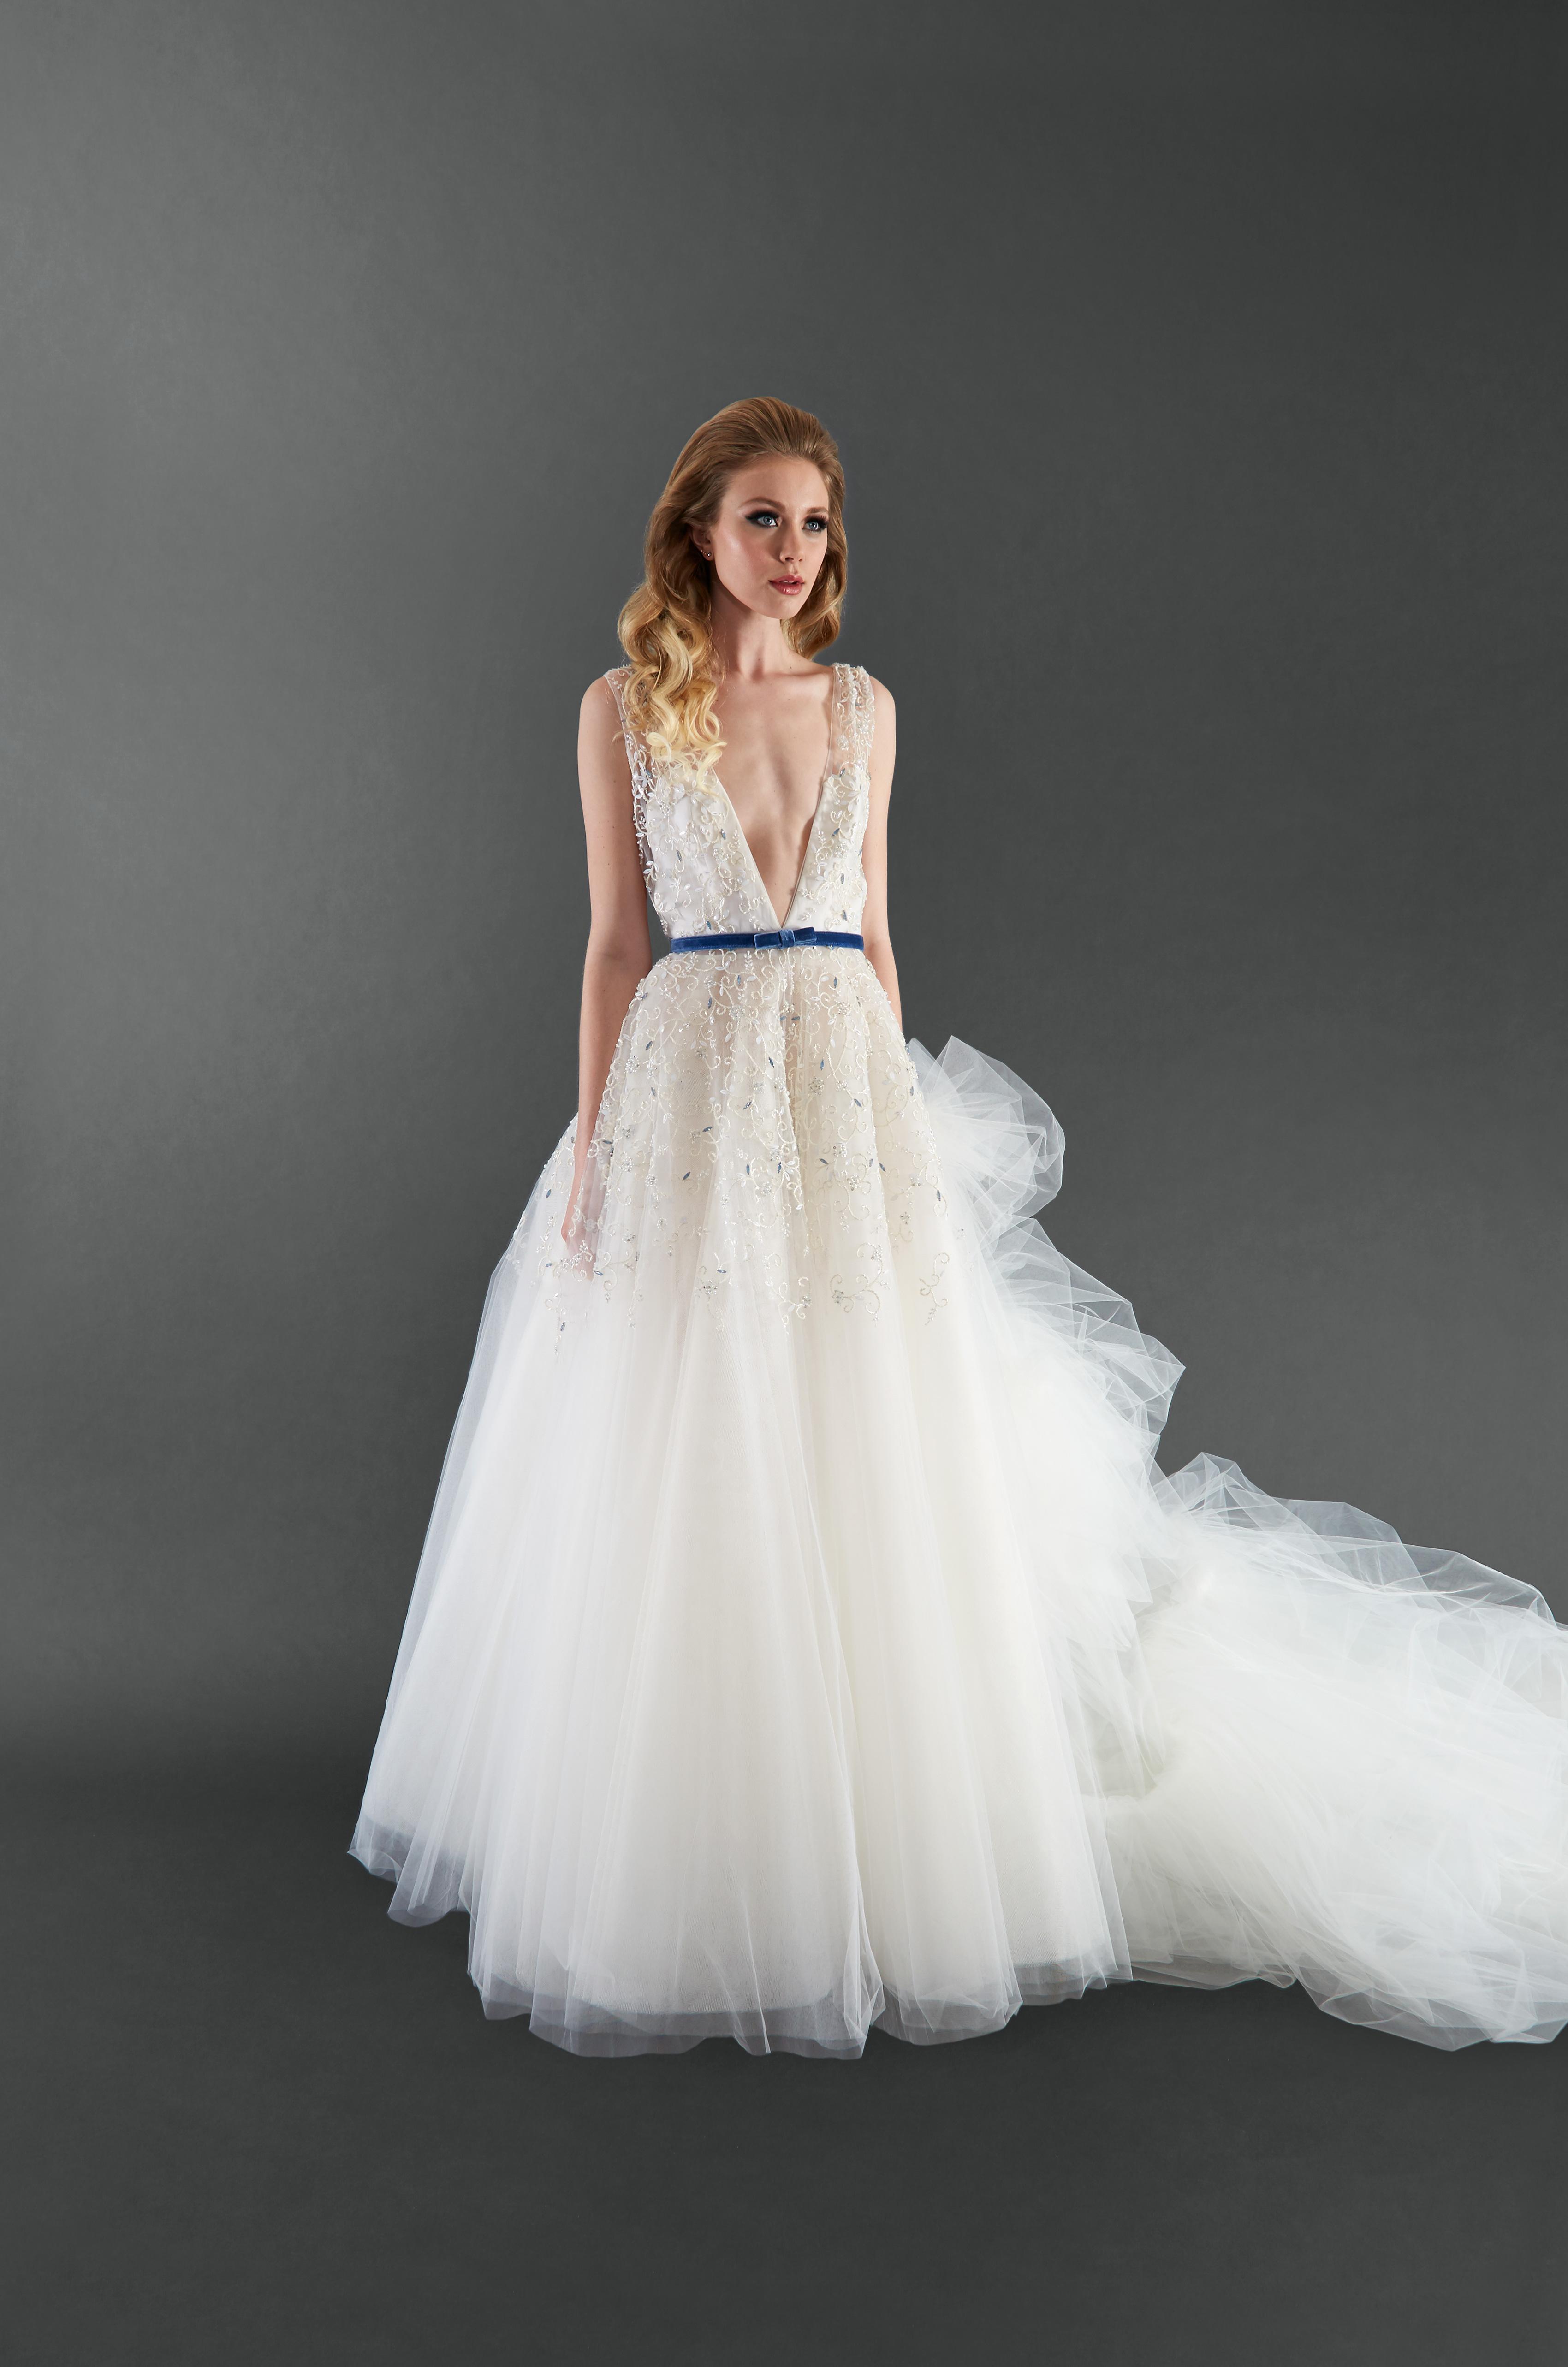 randi rahm v-neck a-line wedding dress spring 2018